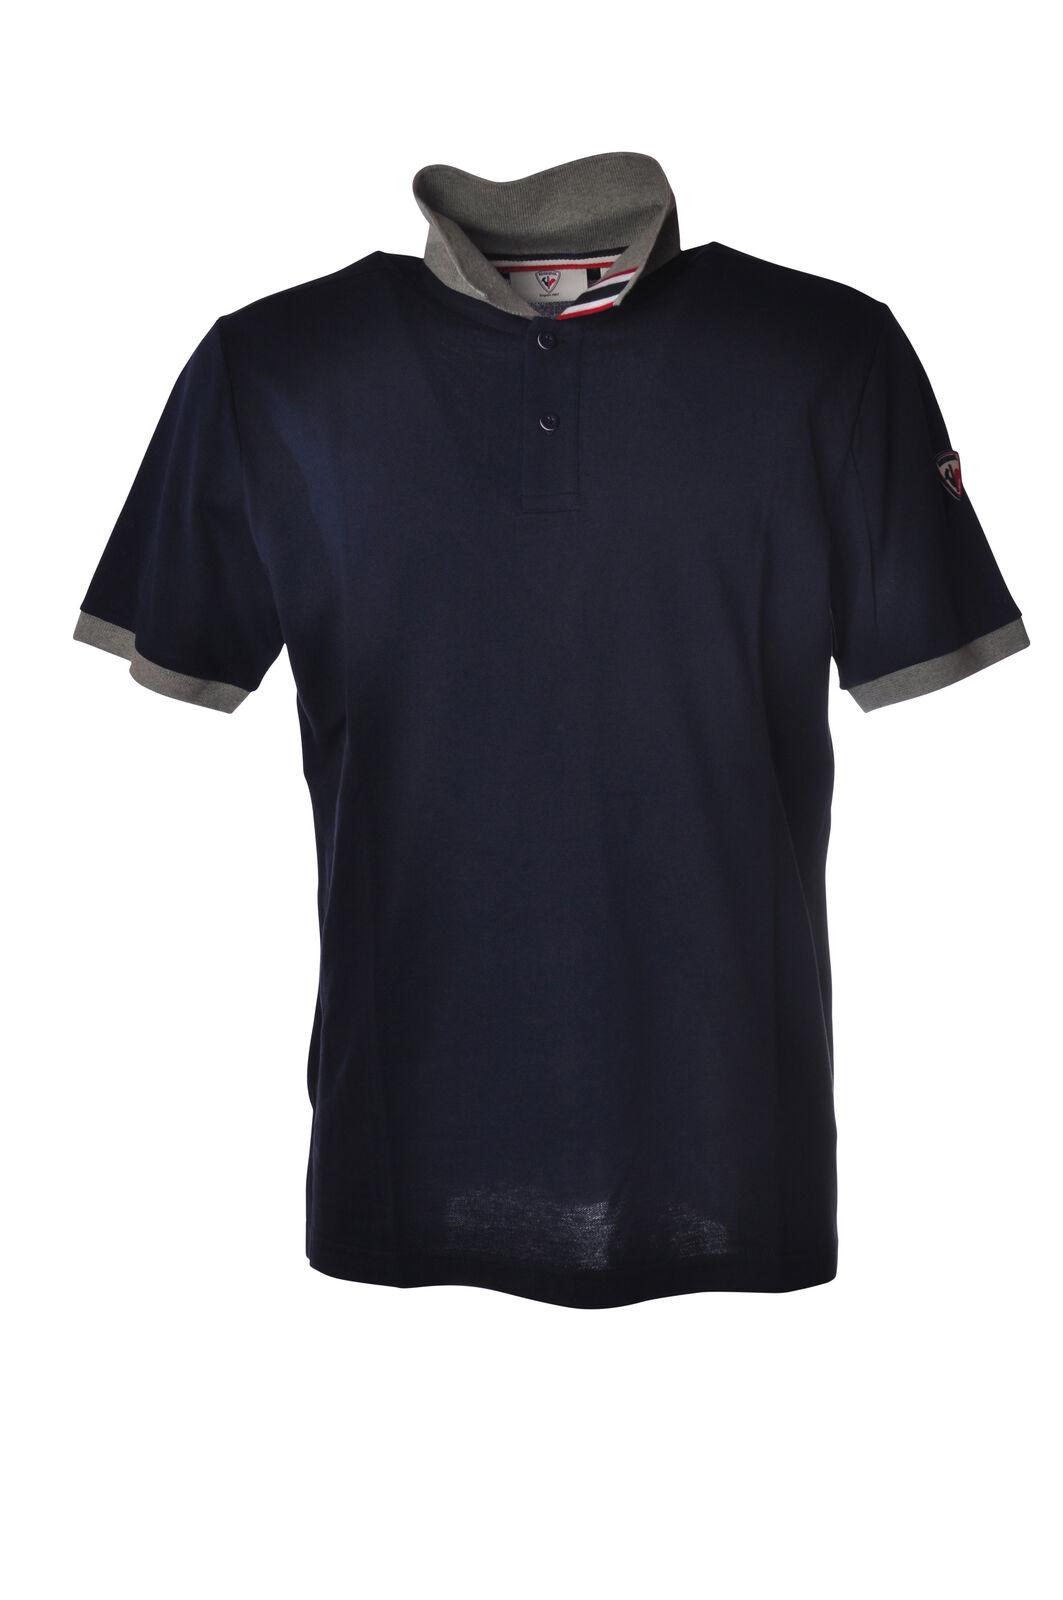 Rossignol - Topwear-Polo - Man - Blau - 5208213D184012